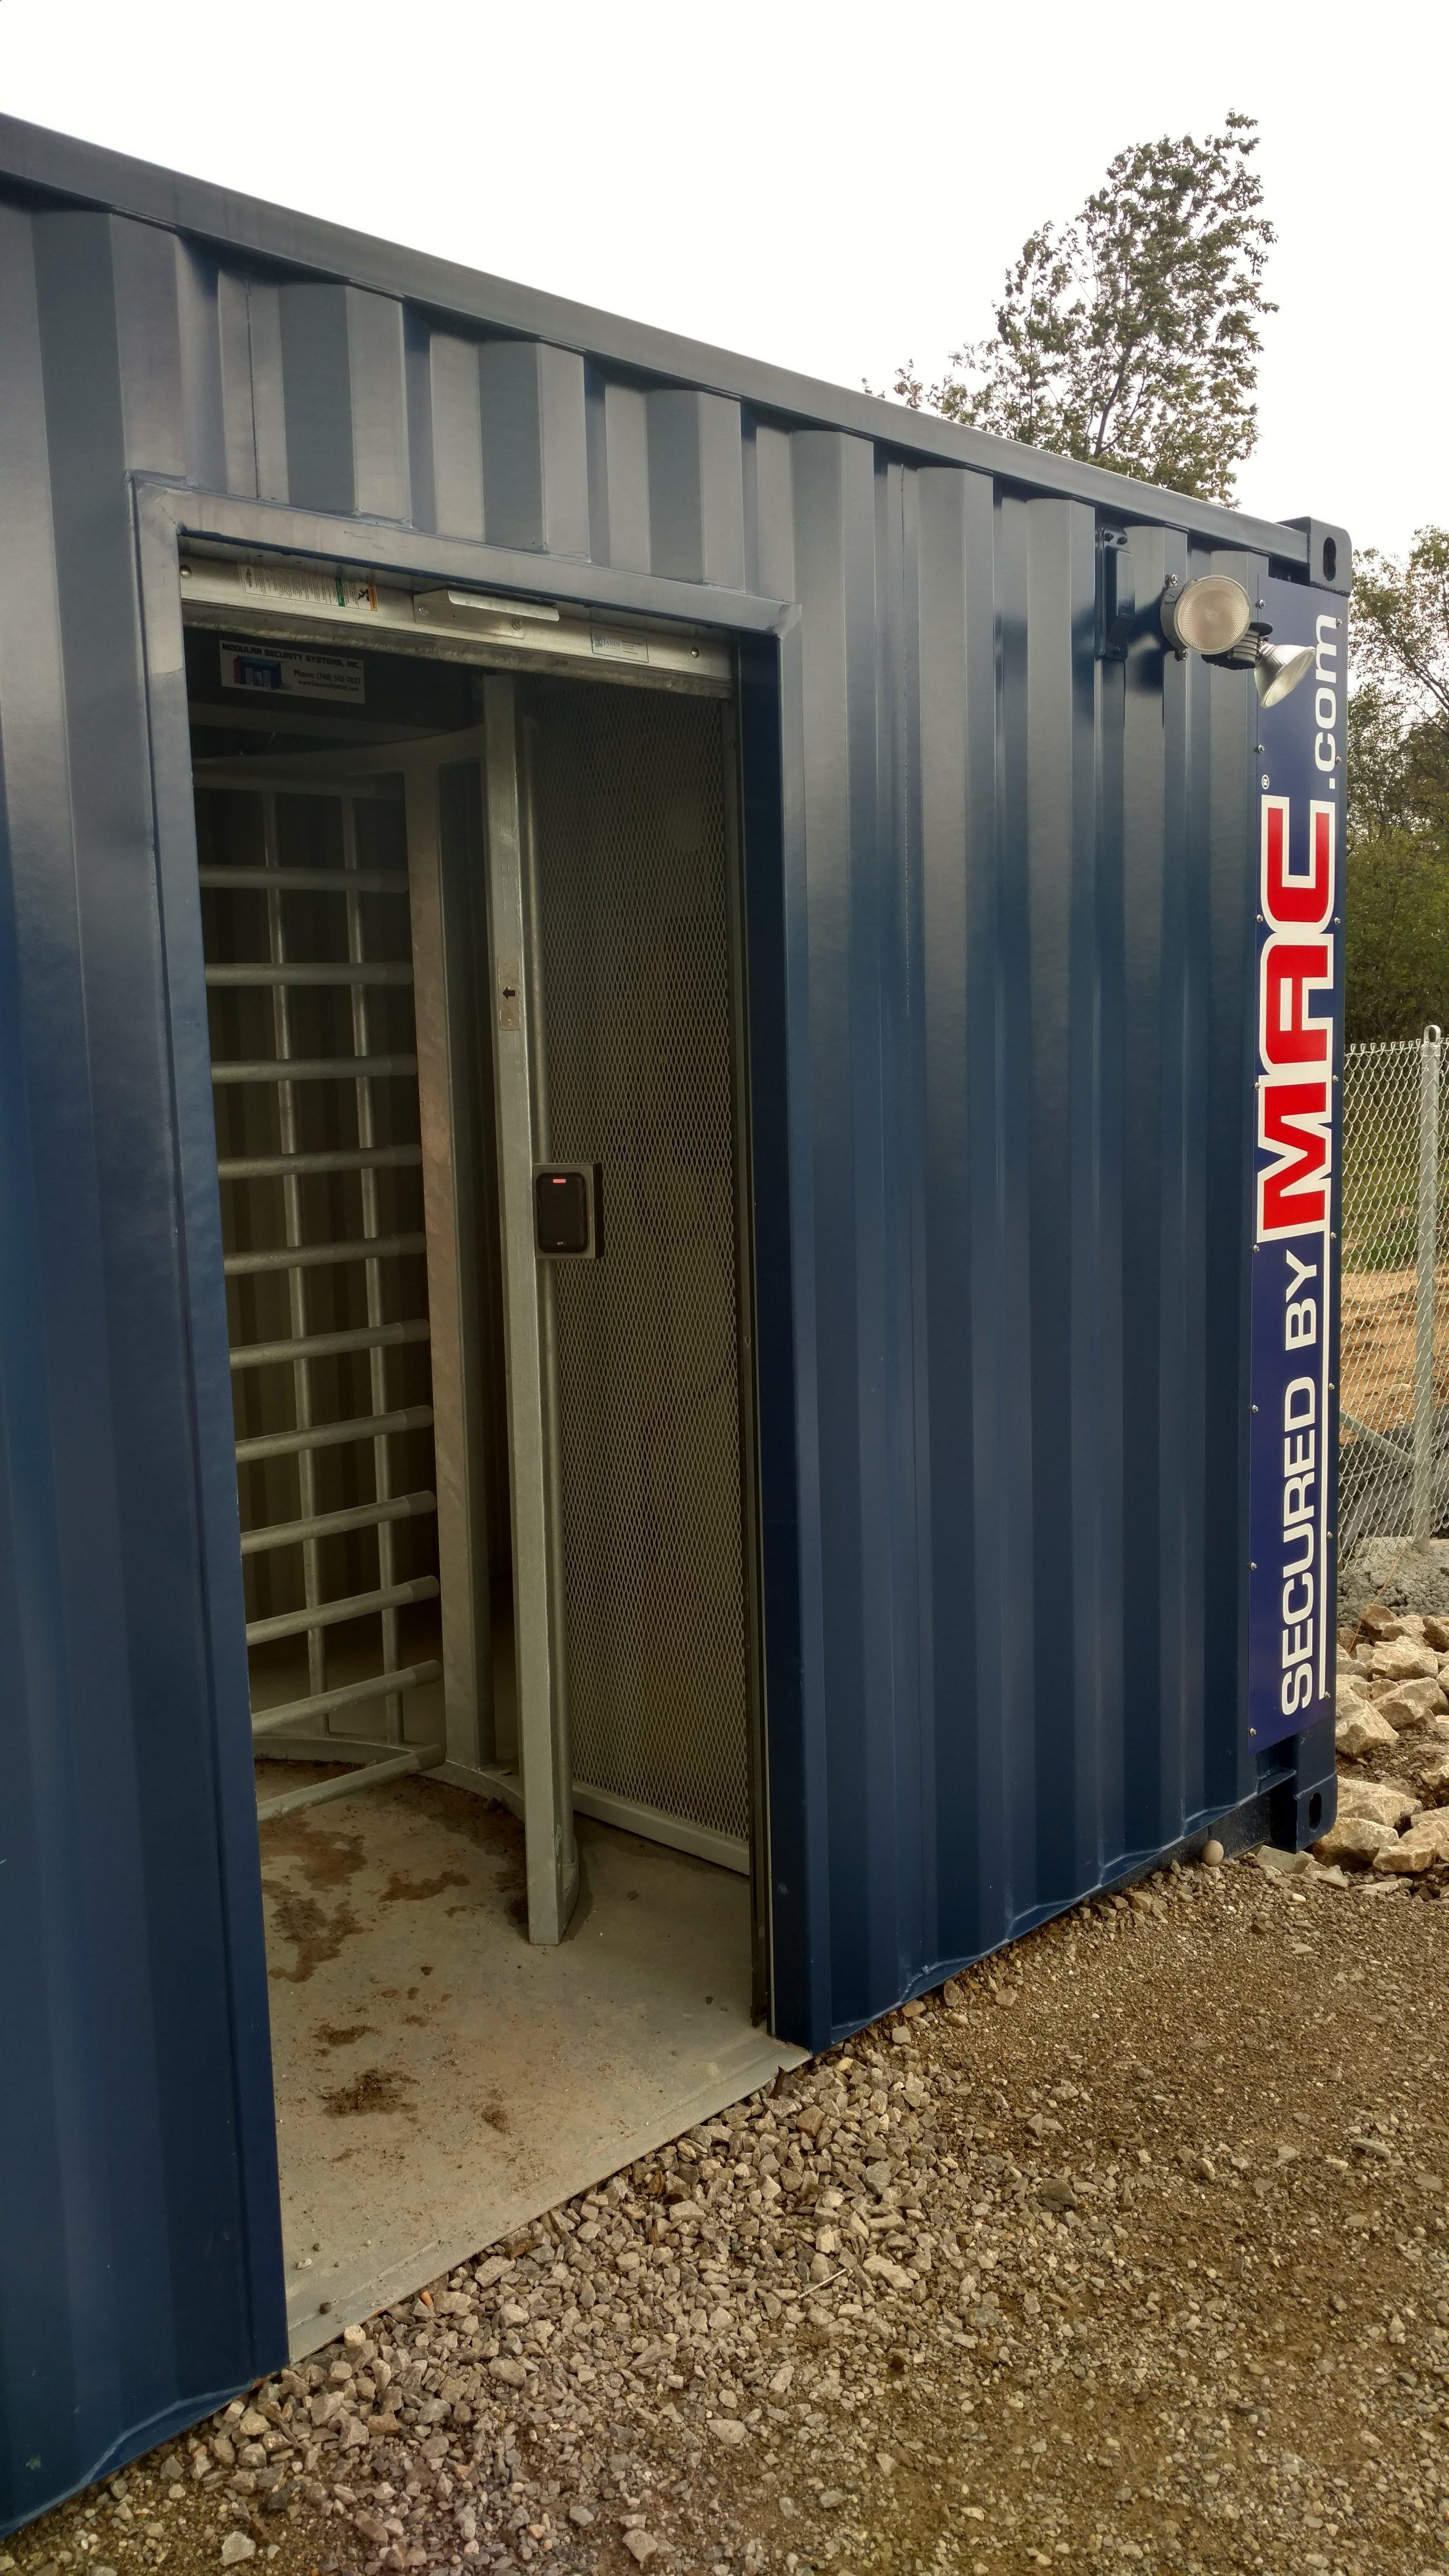 Unique access control solution at remote site